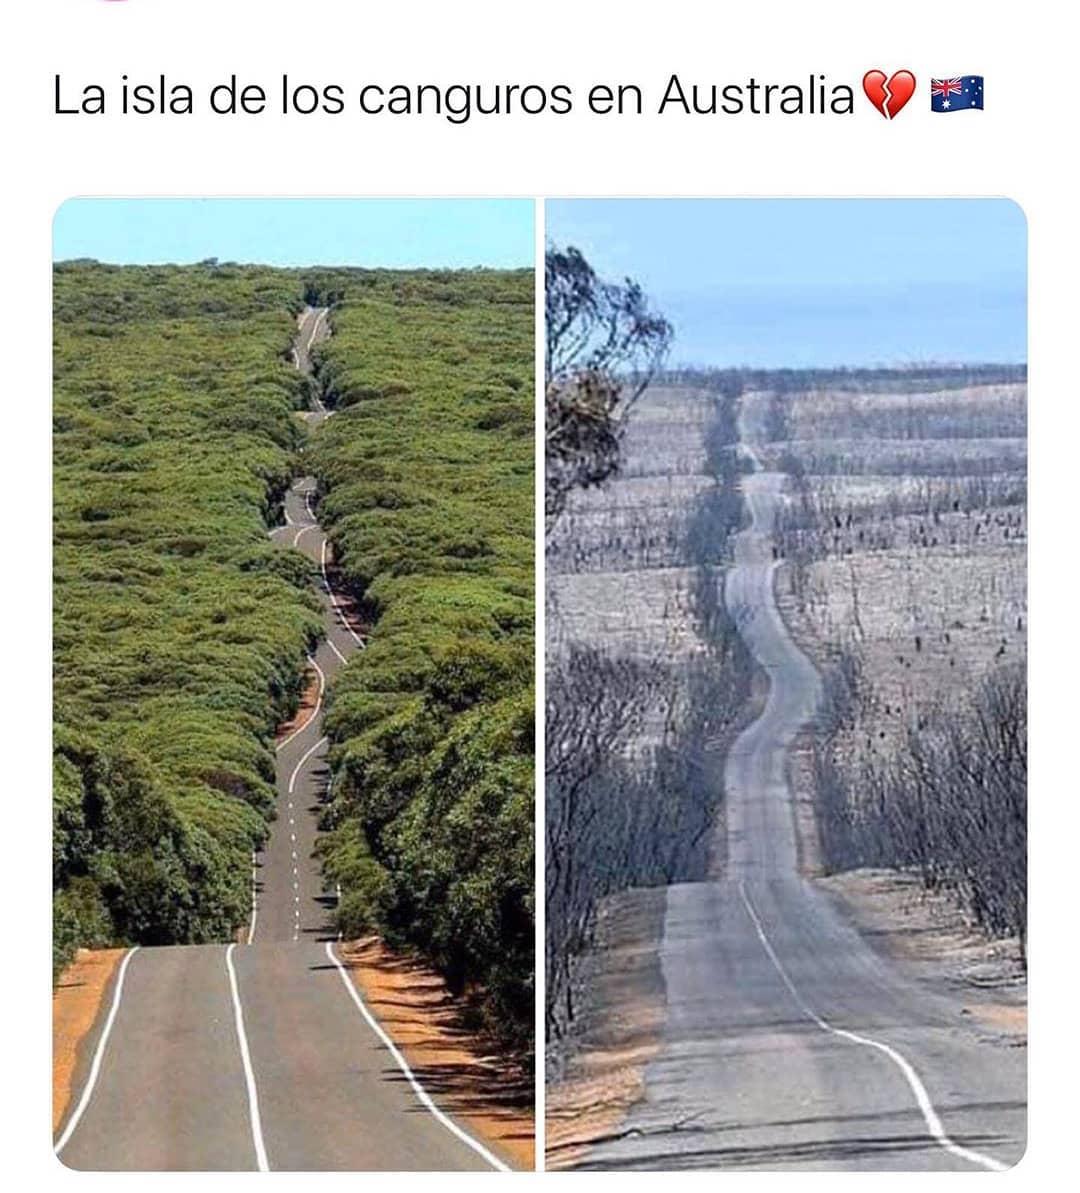 La isla de los canguros en Australia.